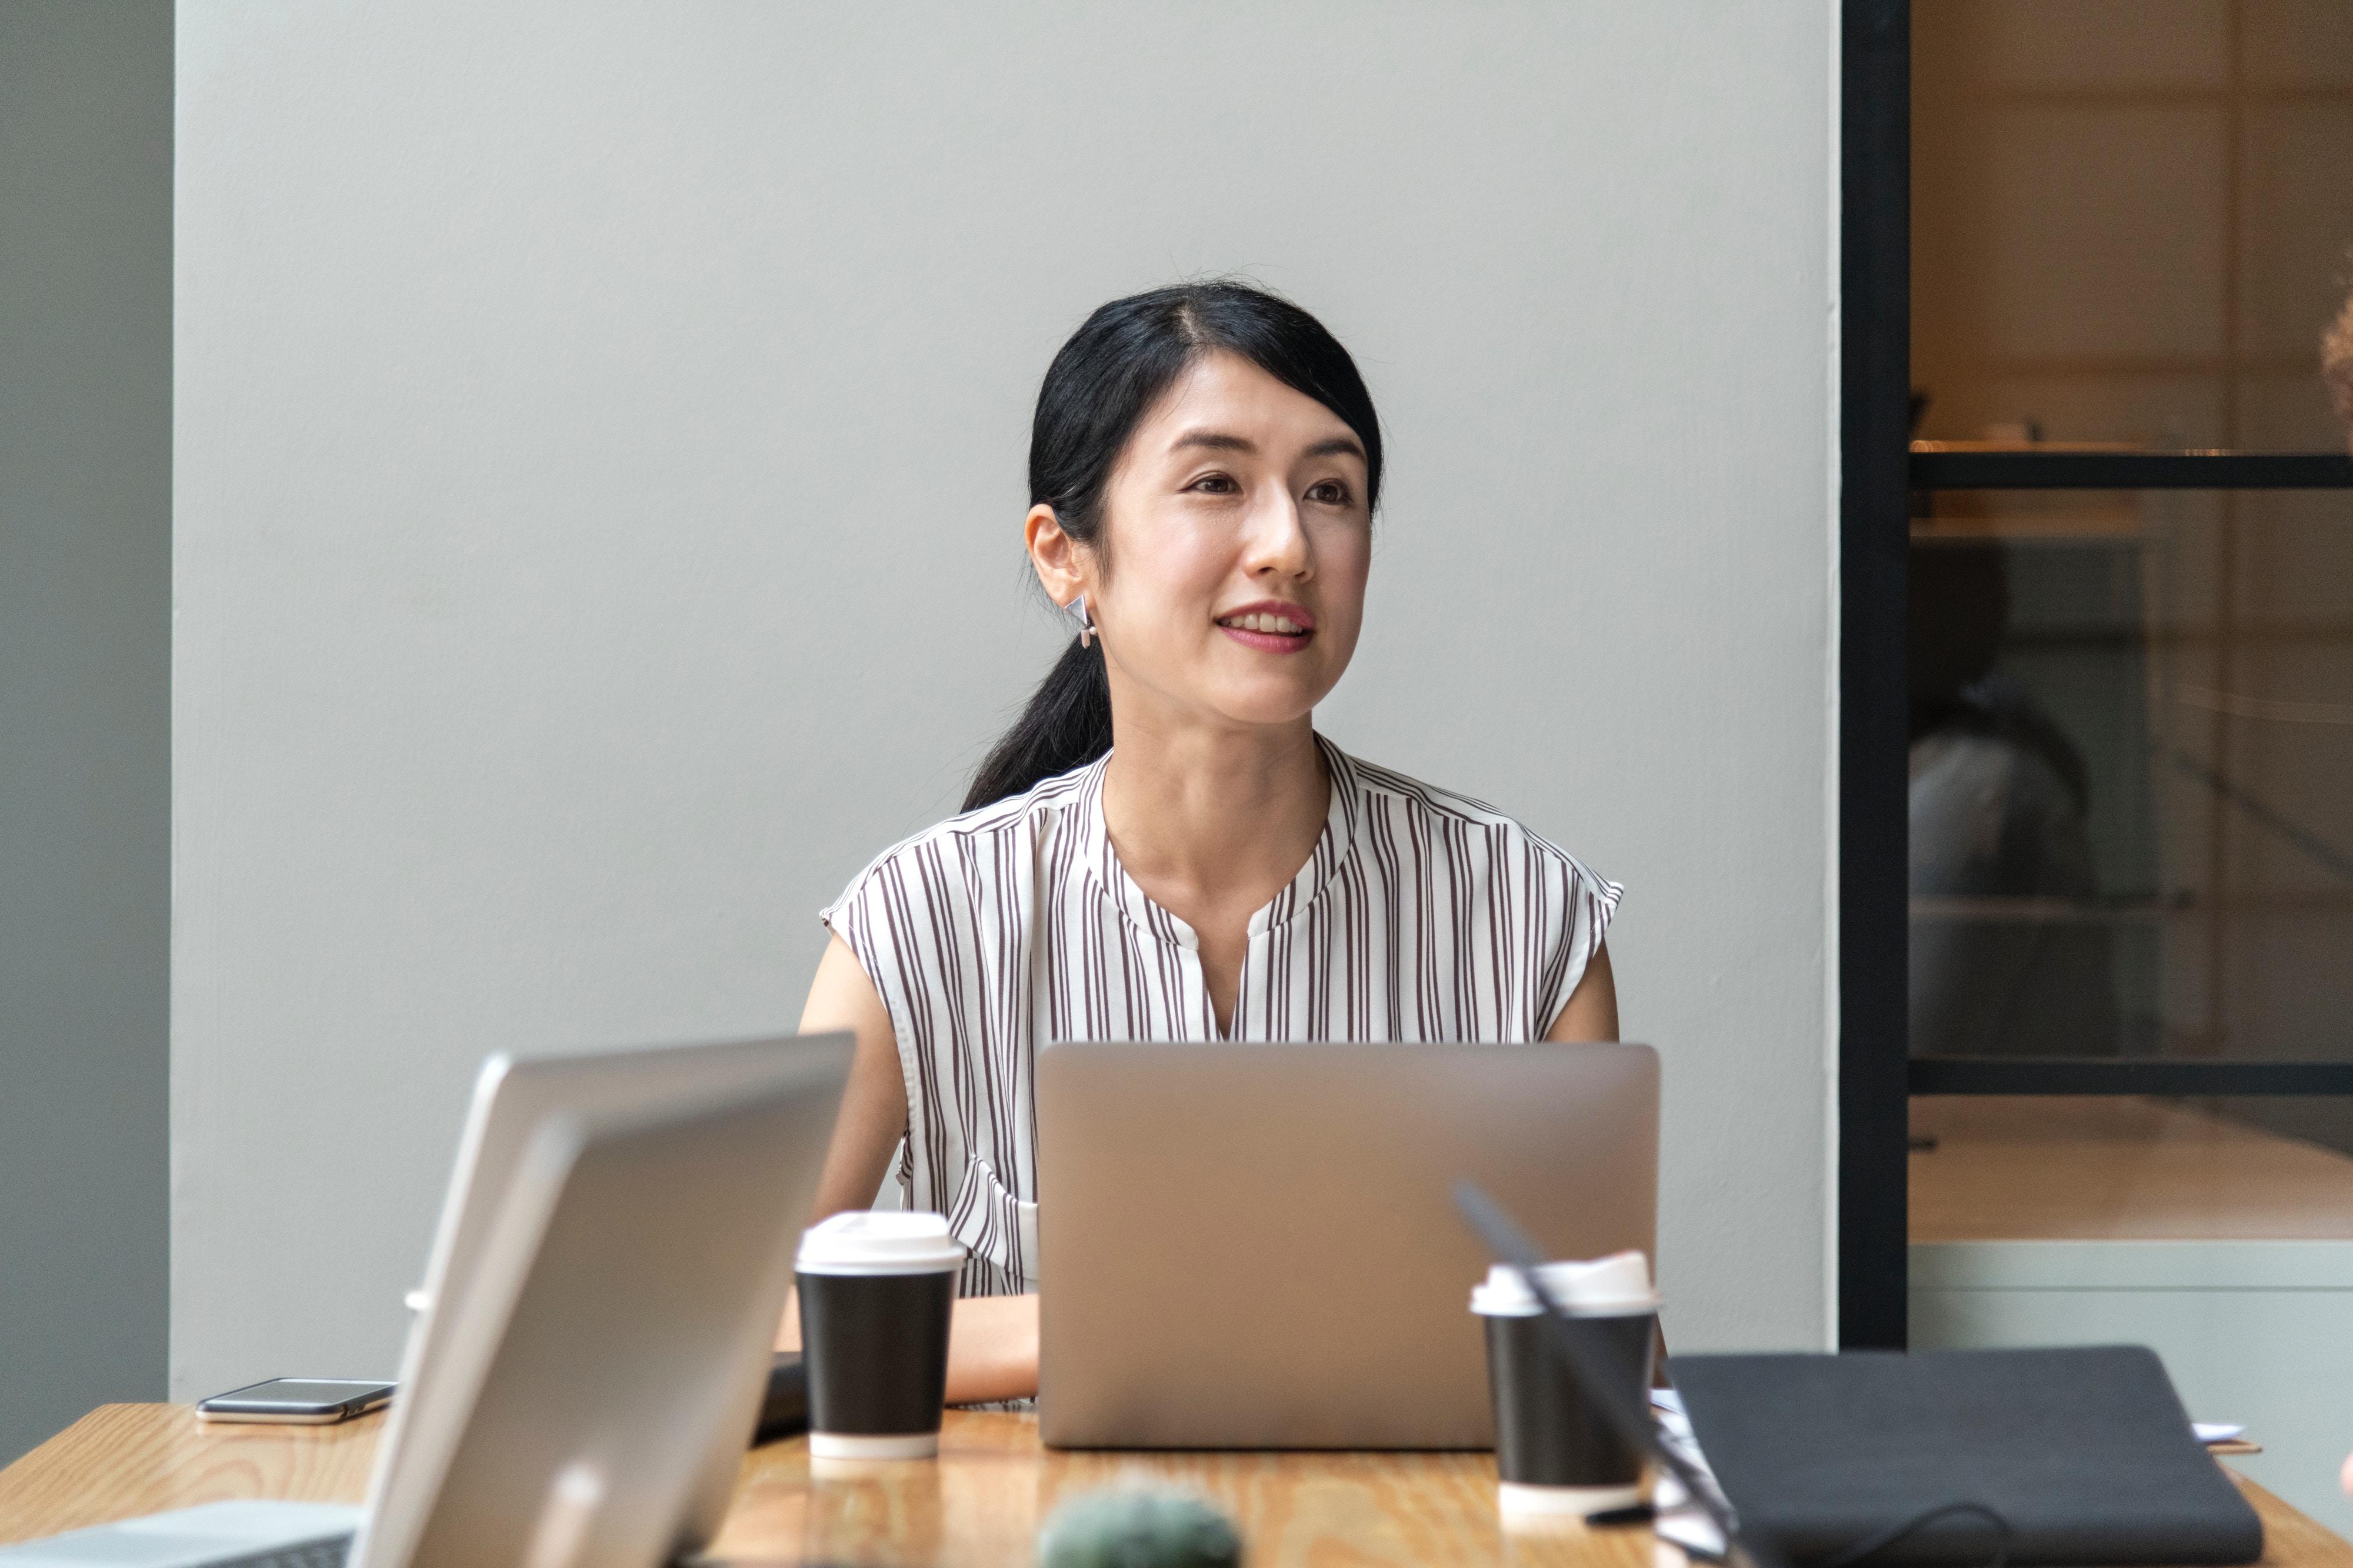 Få et professionelt oversættelsesbureau til at hjælpe dig med dine opgaver